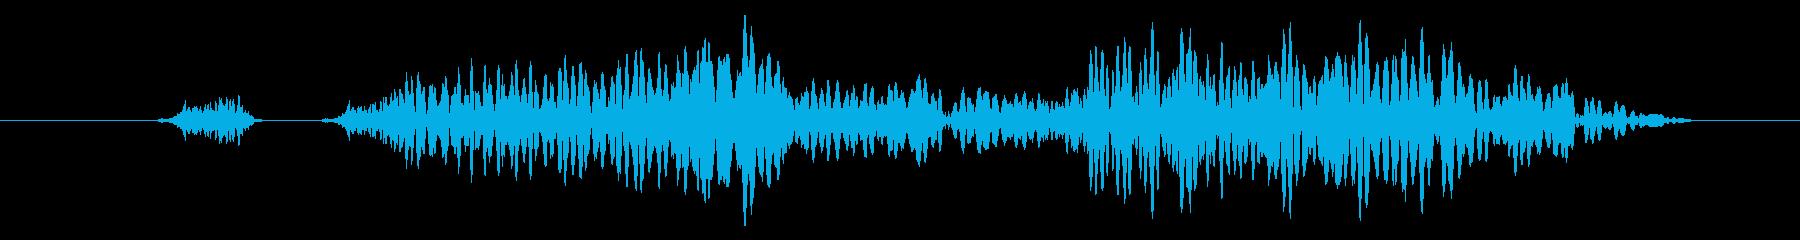 可愛いキャンセル/戻る/選択不可の効果音の再生済みの波形